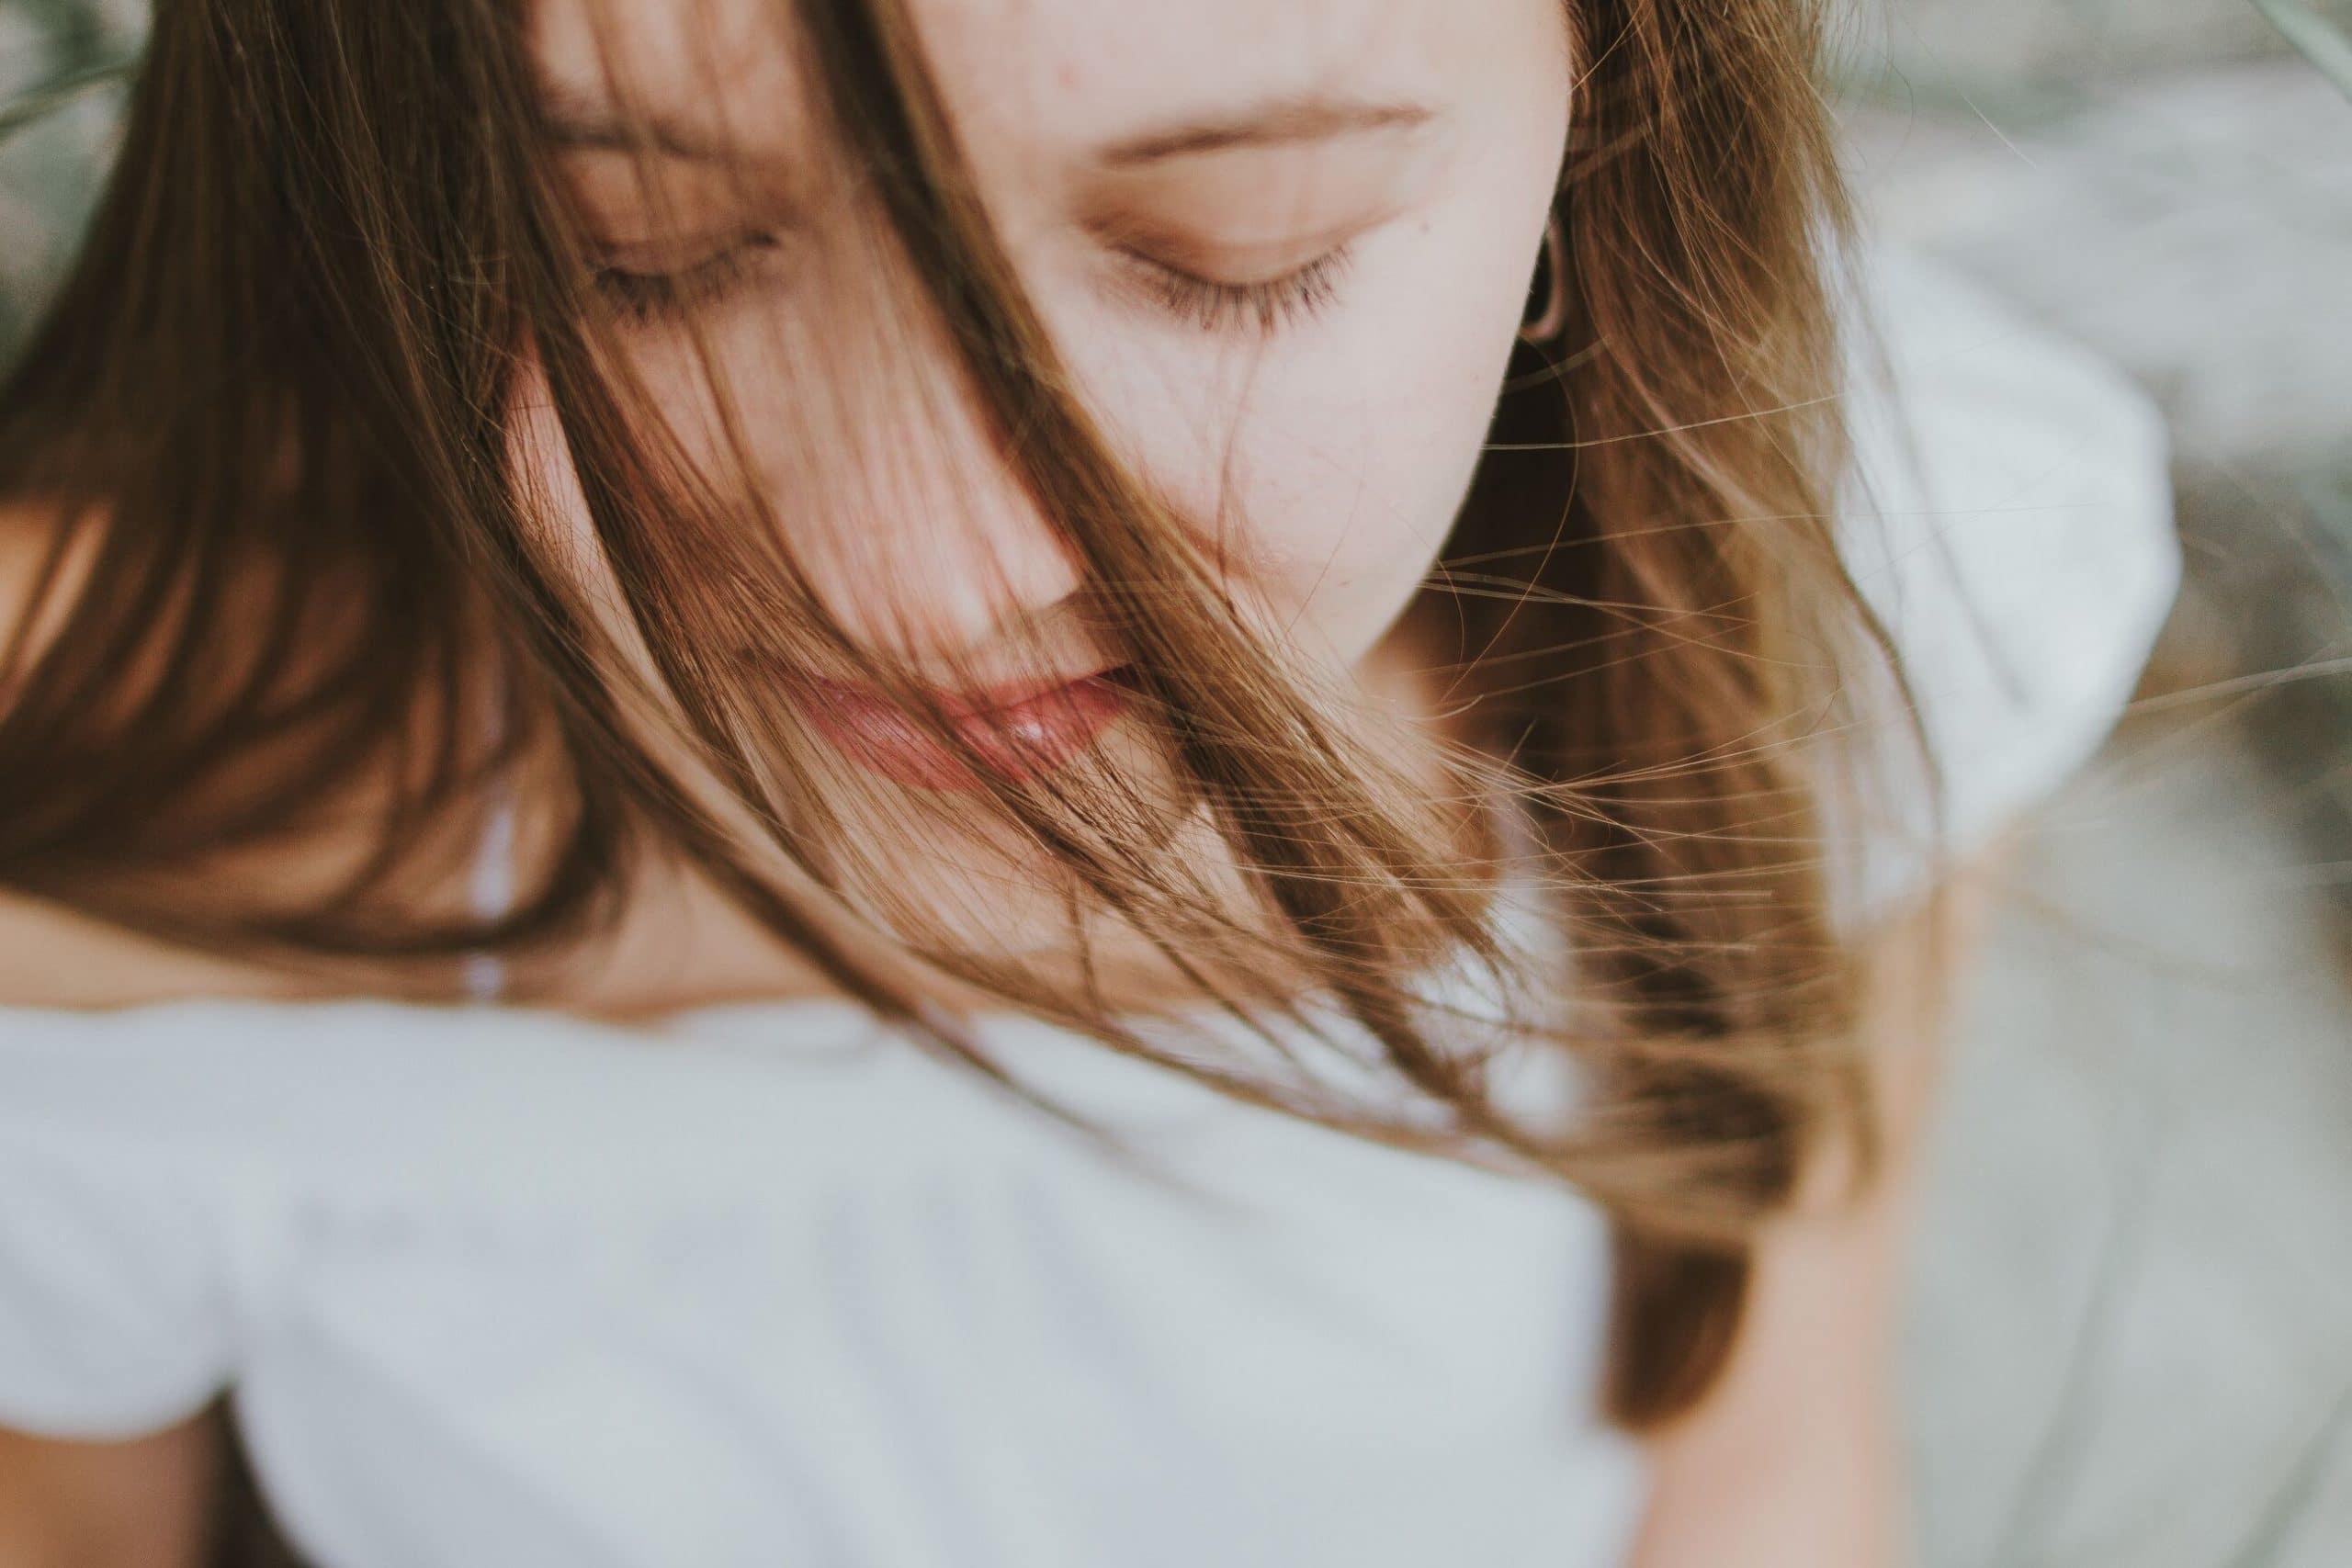 Rosto de mulher bem perto com cabelos no rosto